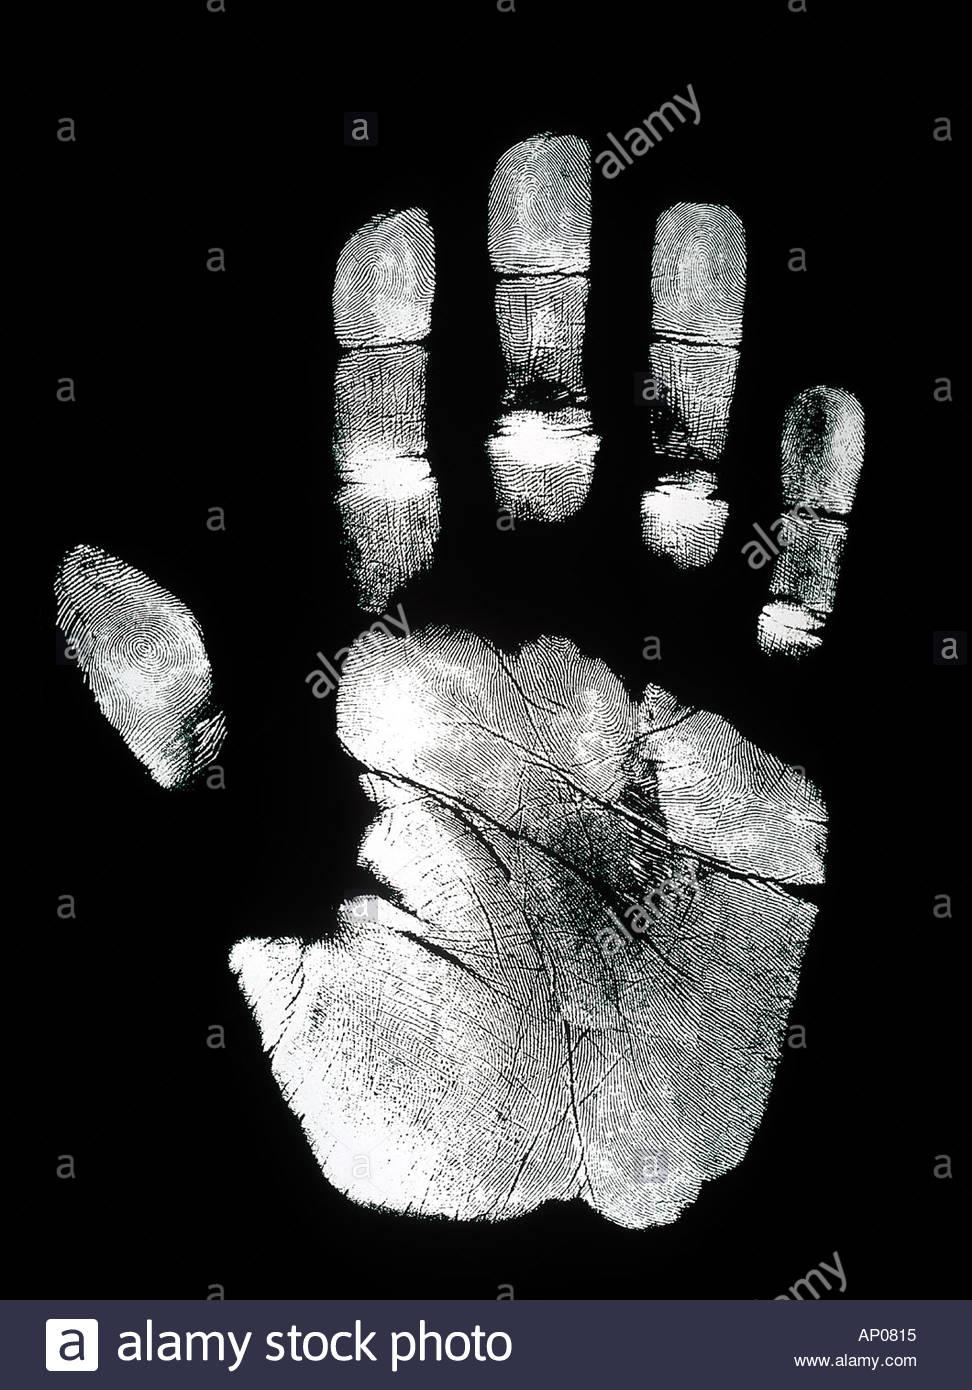 Impresión de mano Palm y la impresión de las huellas dactilares sobre fondo negro Imagen De Stock